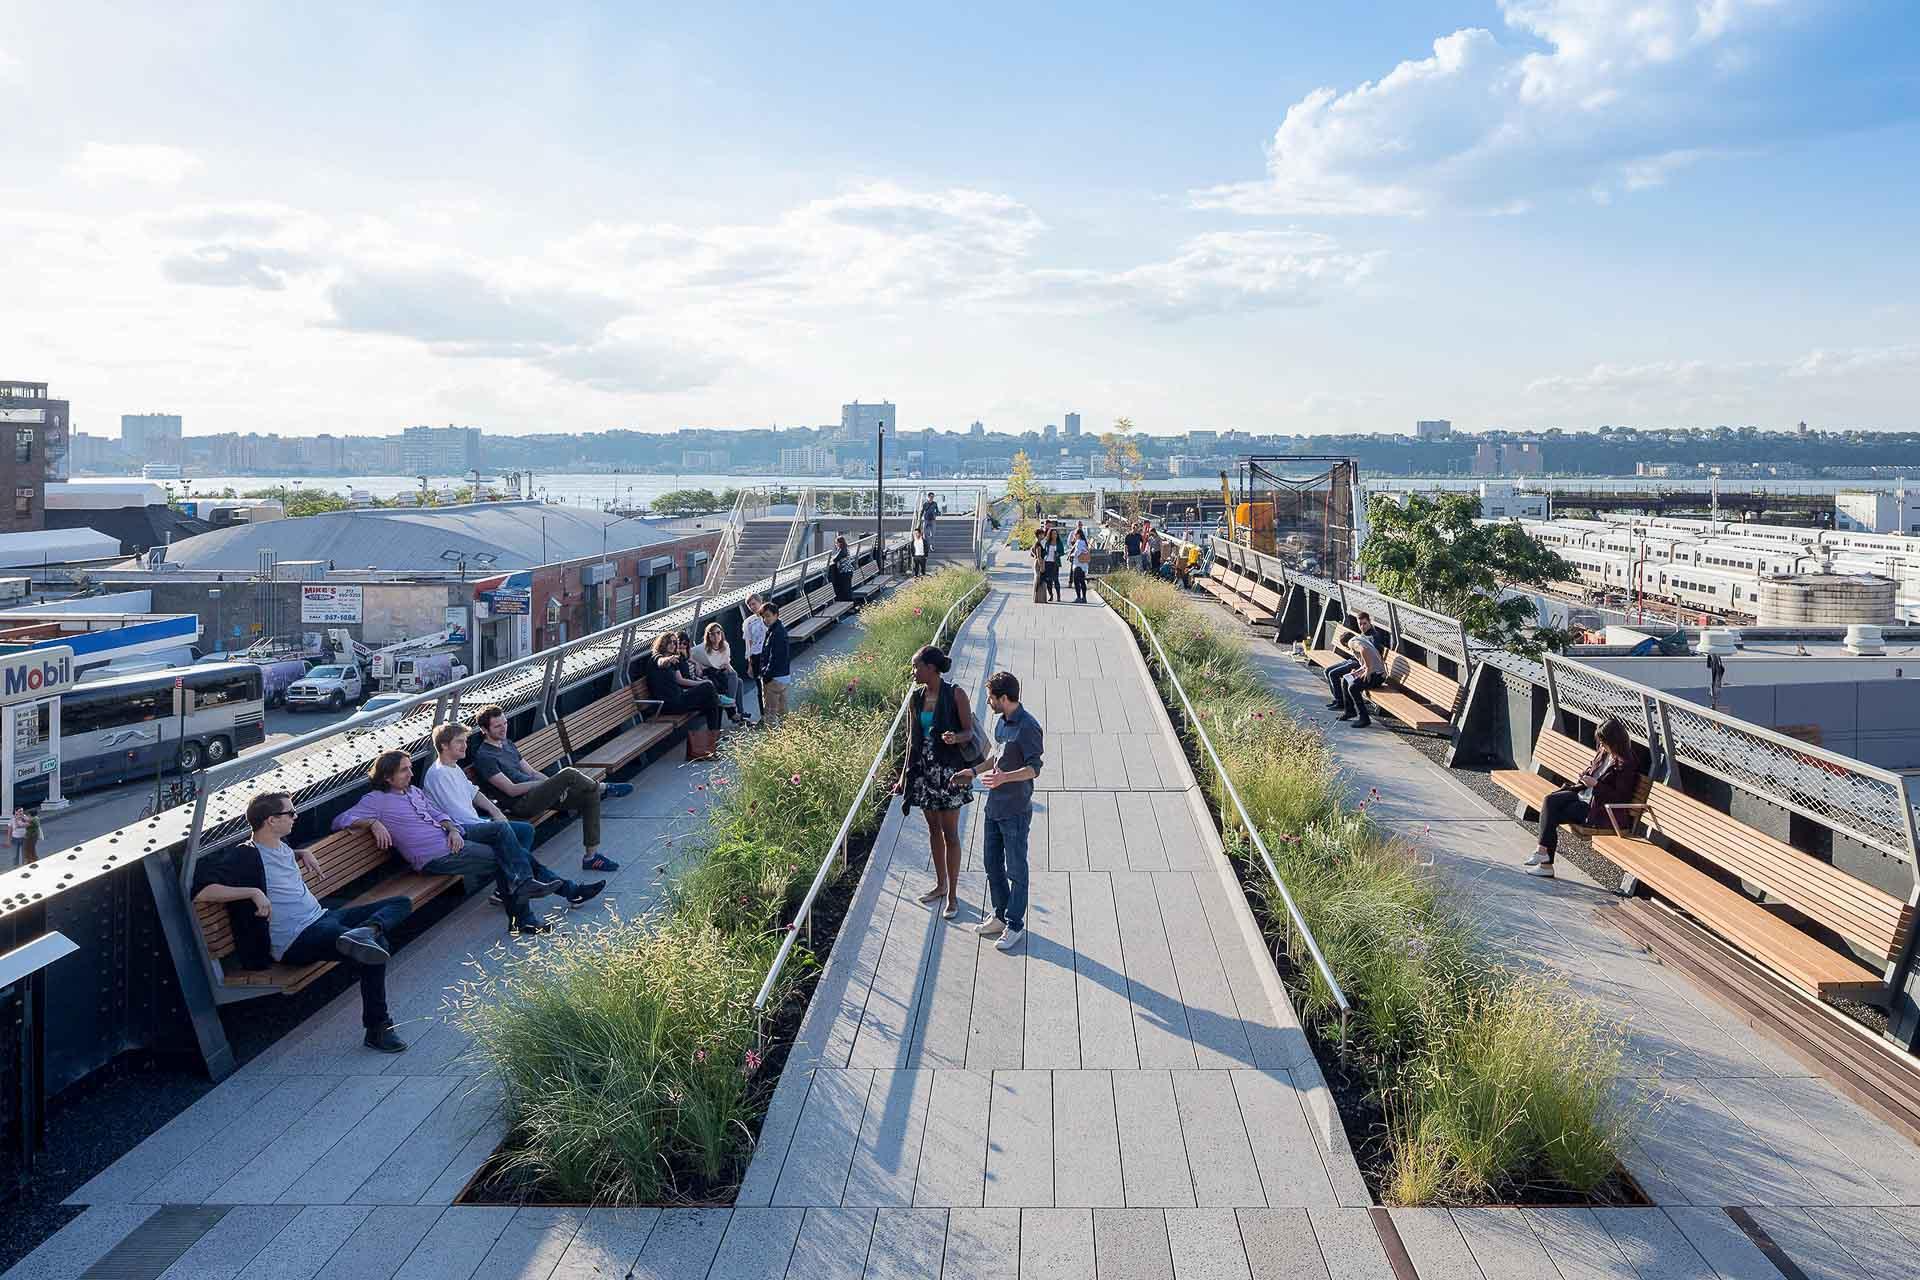 Vue de la High Line © Iwan Baan